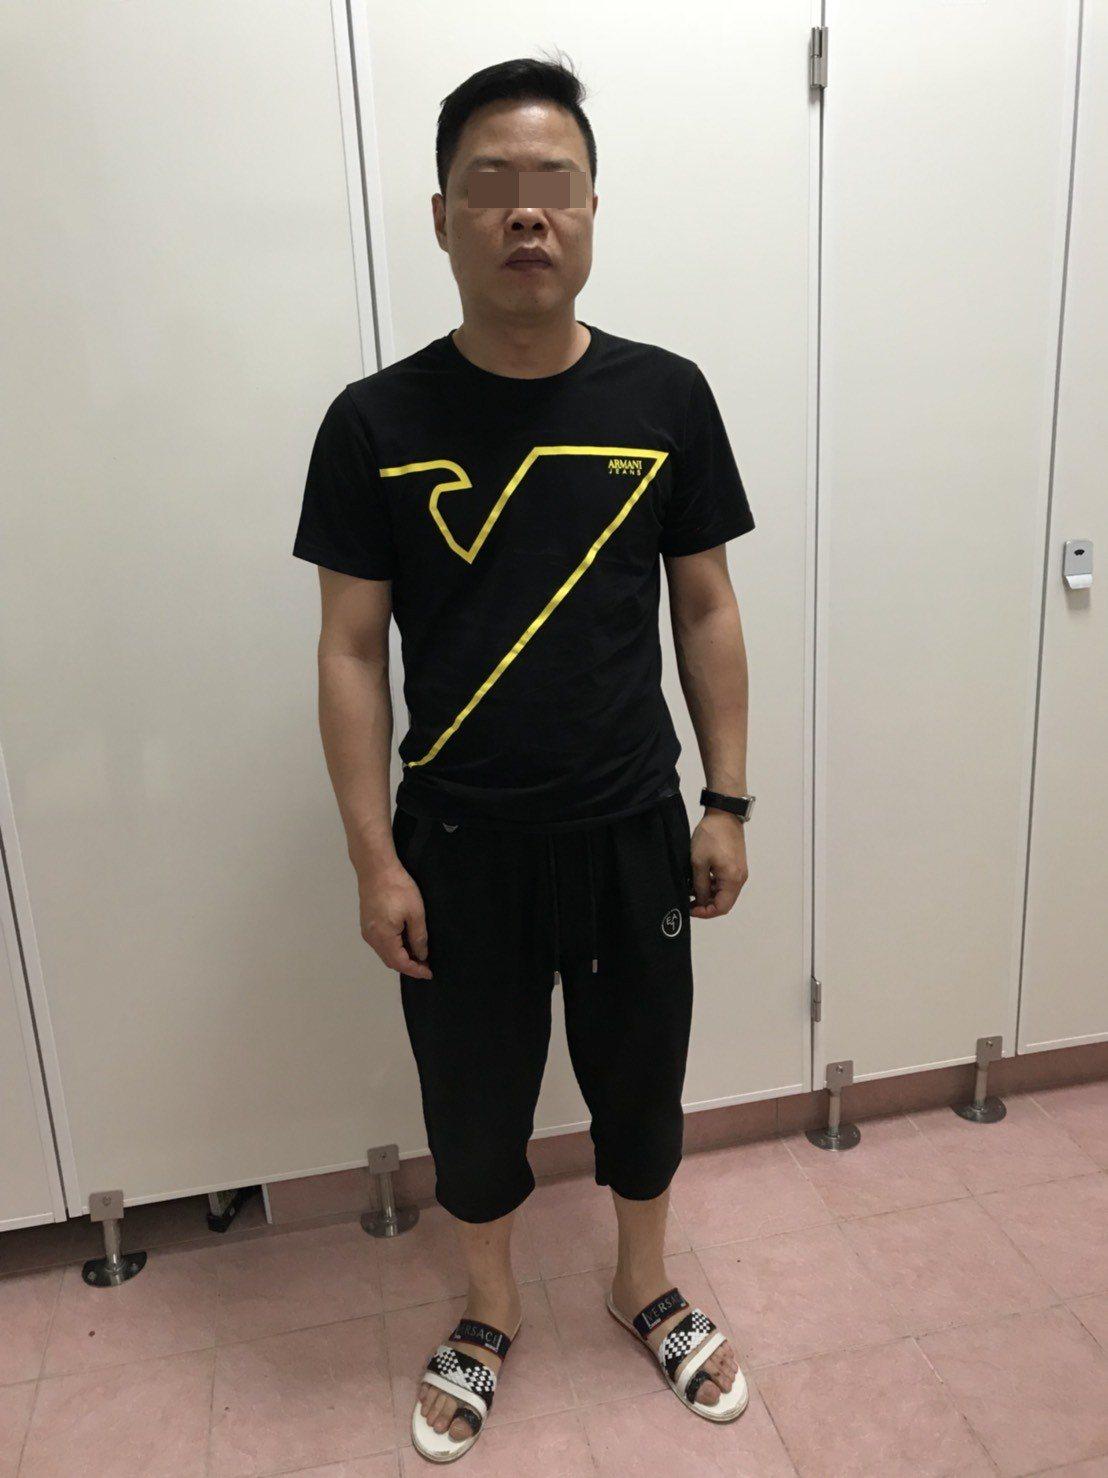 警方逮捕詐欺集團主嫌謝姓男子。記者劉星君/翻攝